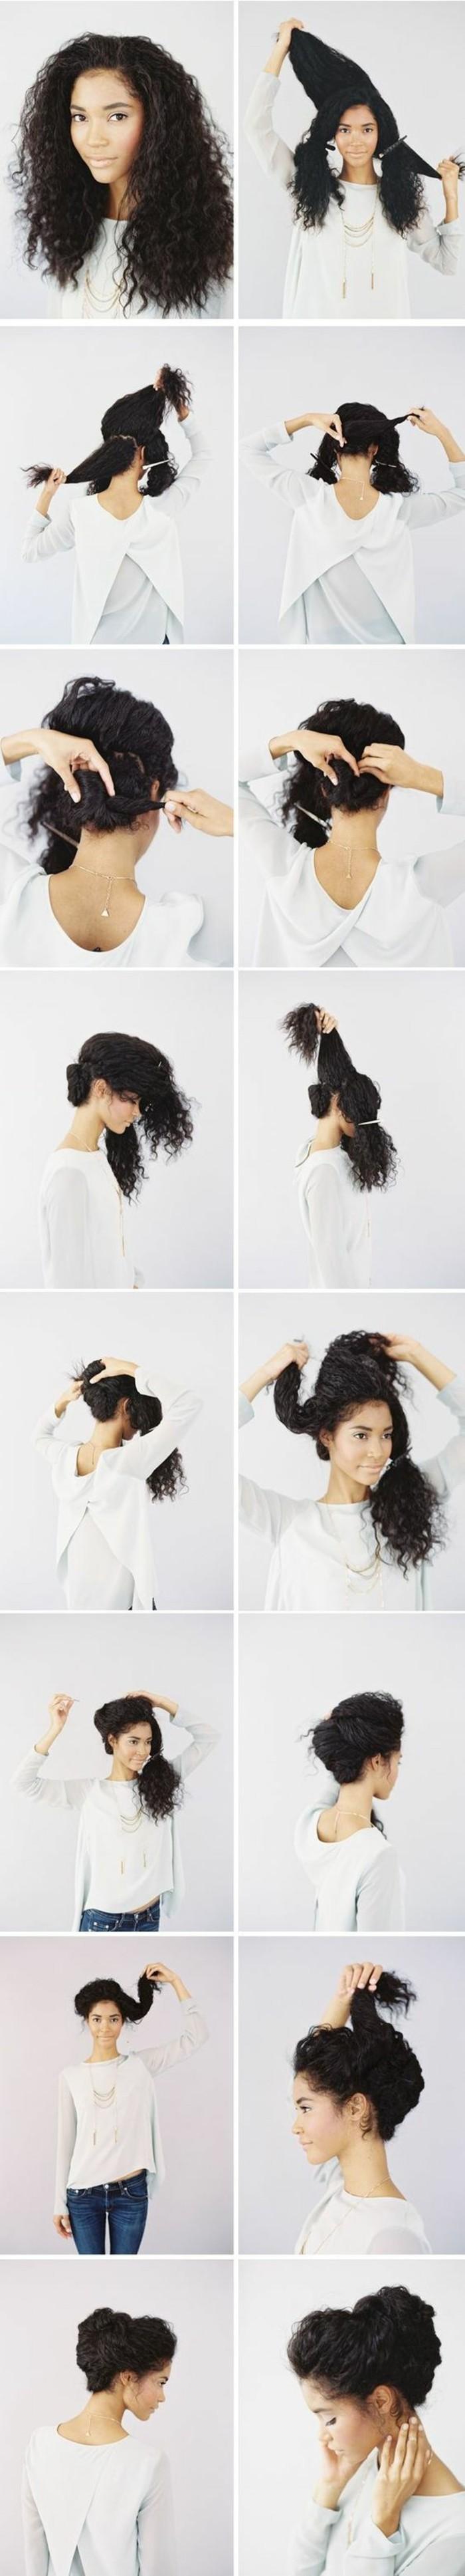 111111-hochstechfrisuren-lange-haare-weiße-bluse-lockige-schwarze-haare-hochstecken